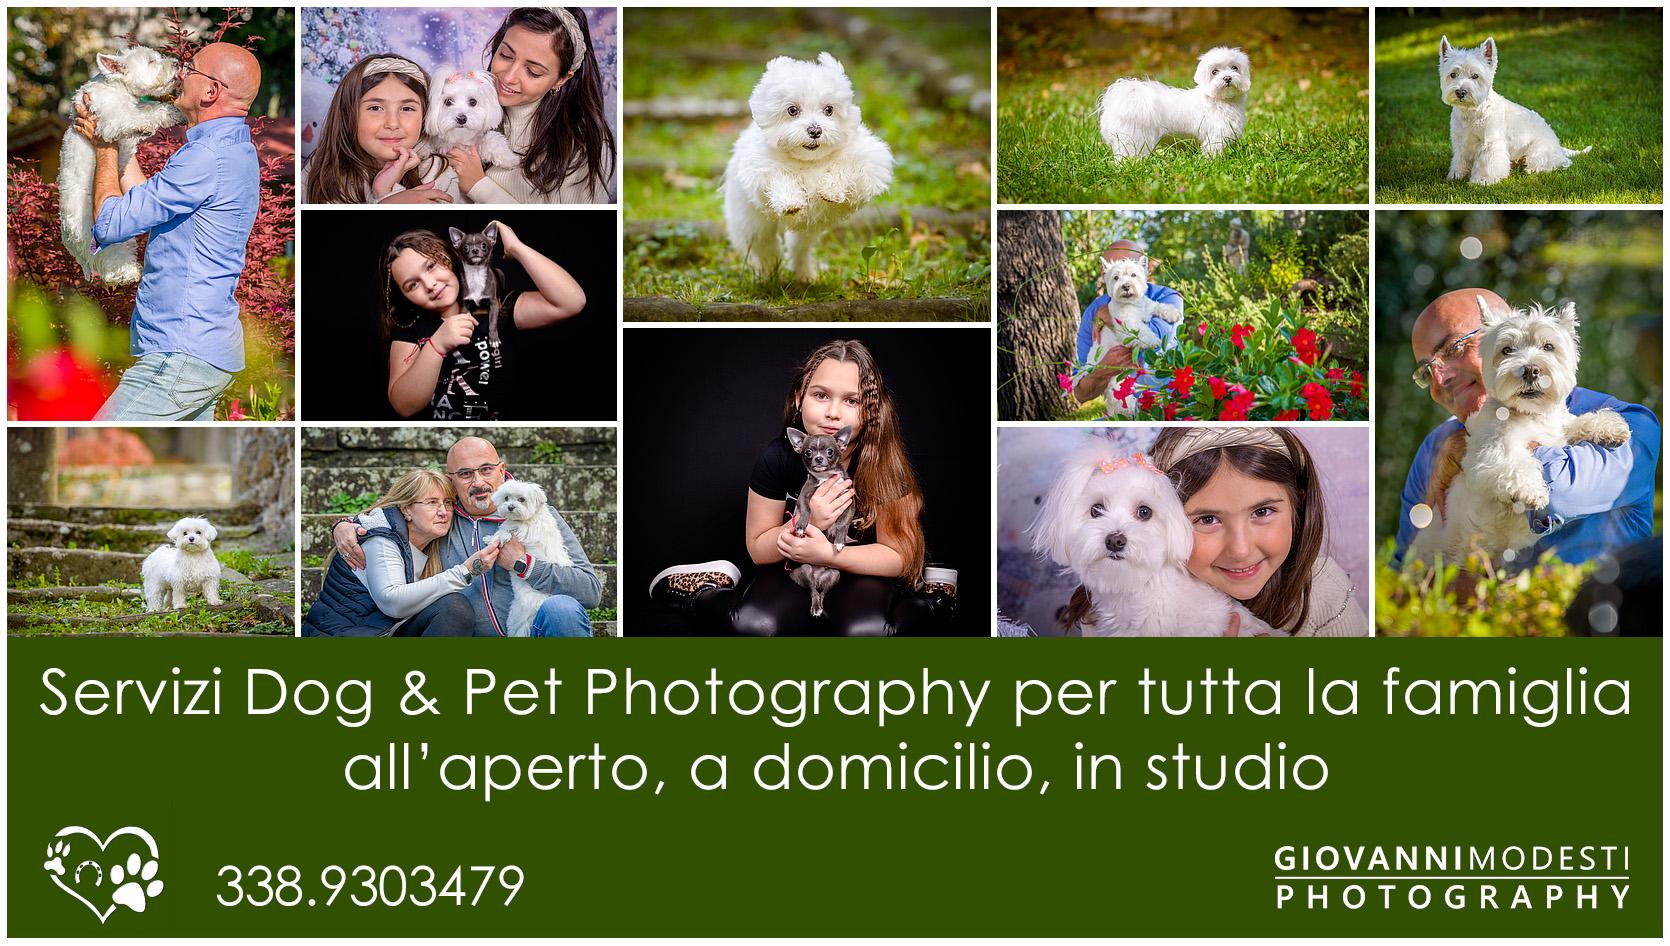 Dog & Pet Photography, Fotografiamo i tuoi animali del cuore ...col cuore. Fotografo Dog Bologna. Servizi Dog & Pet Photography per tutta la famiglia, per aziende e operatori del settore, all'aperto, a domicilio, in